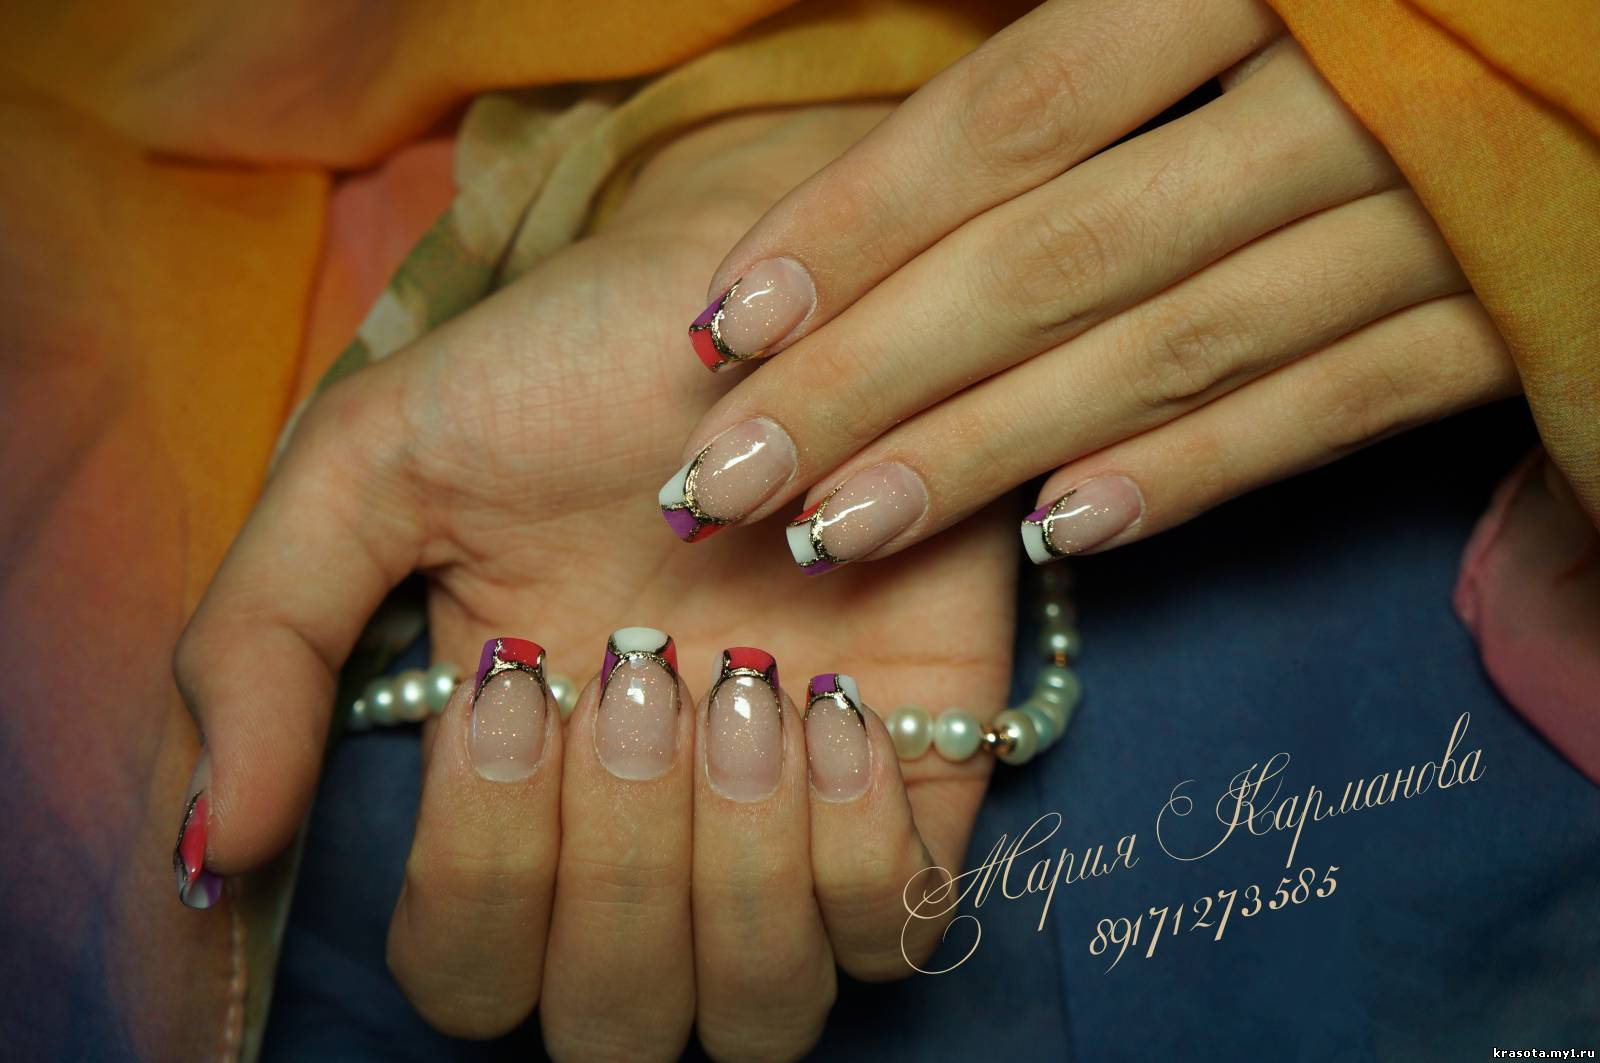 Нарощенные ногти фото красивые одним цветом